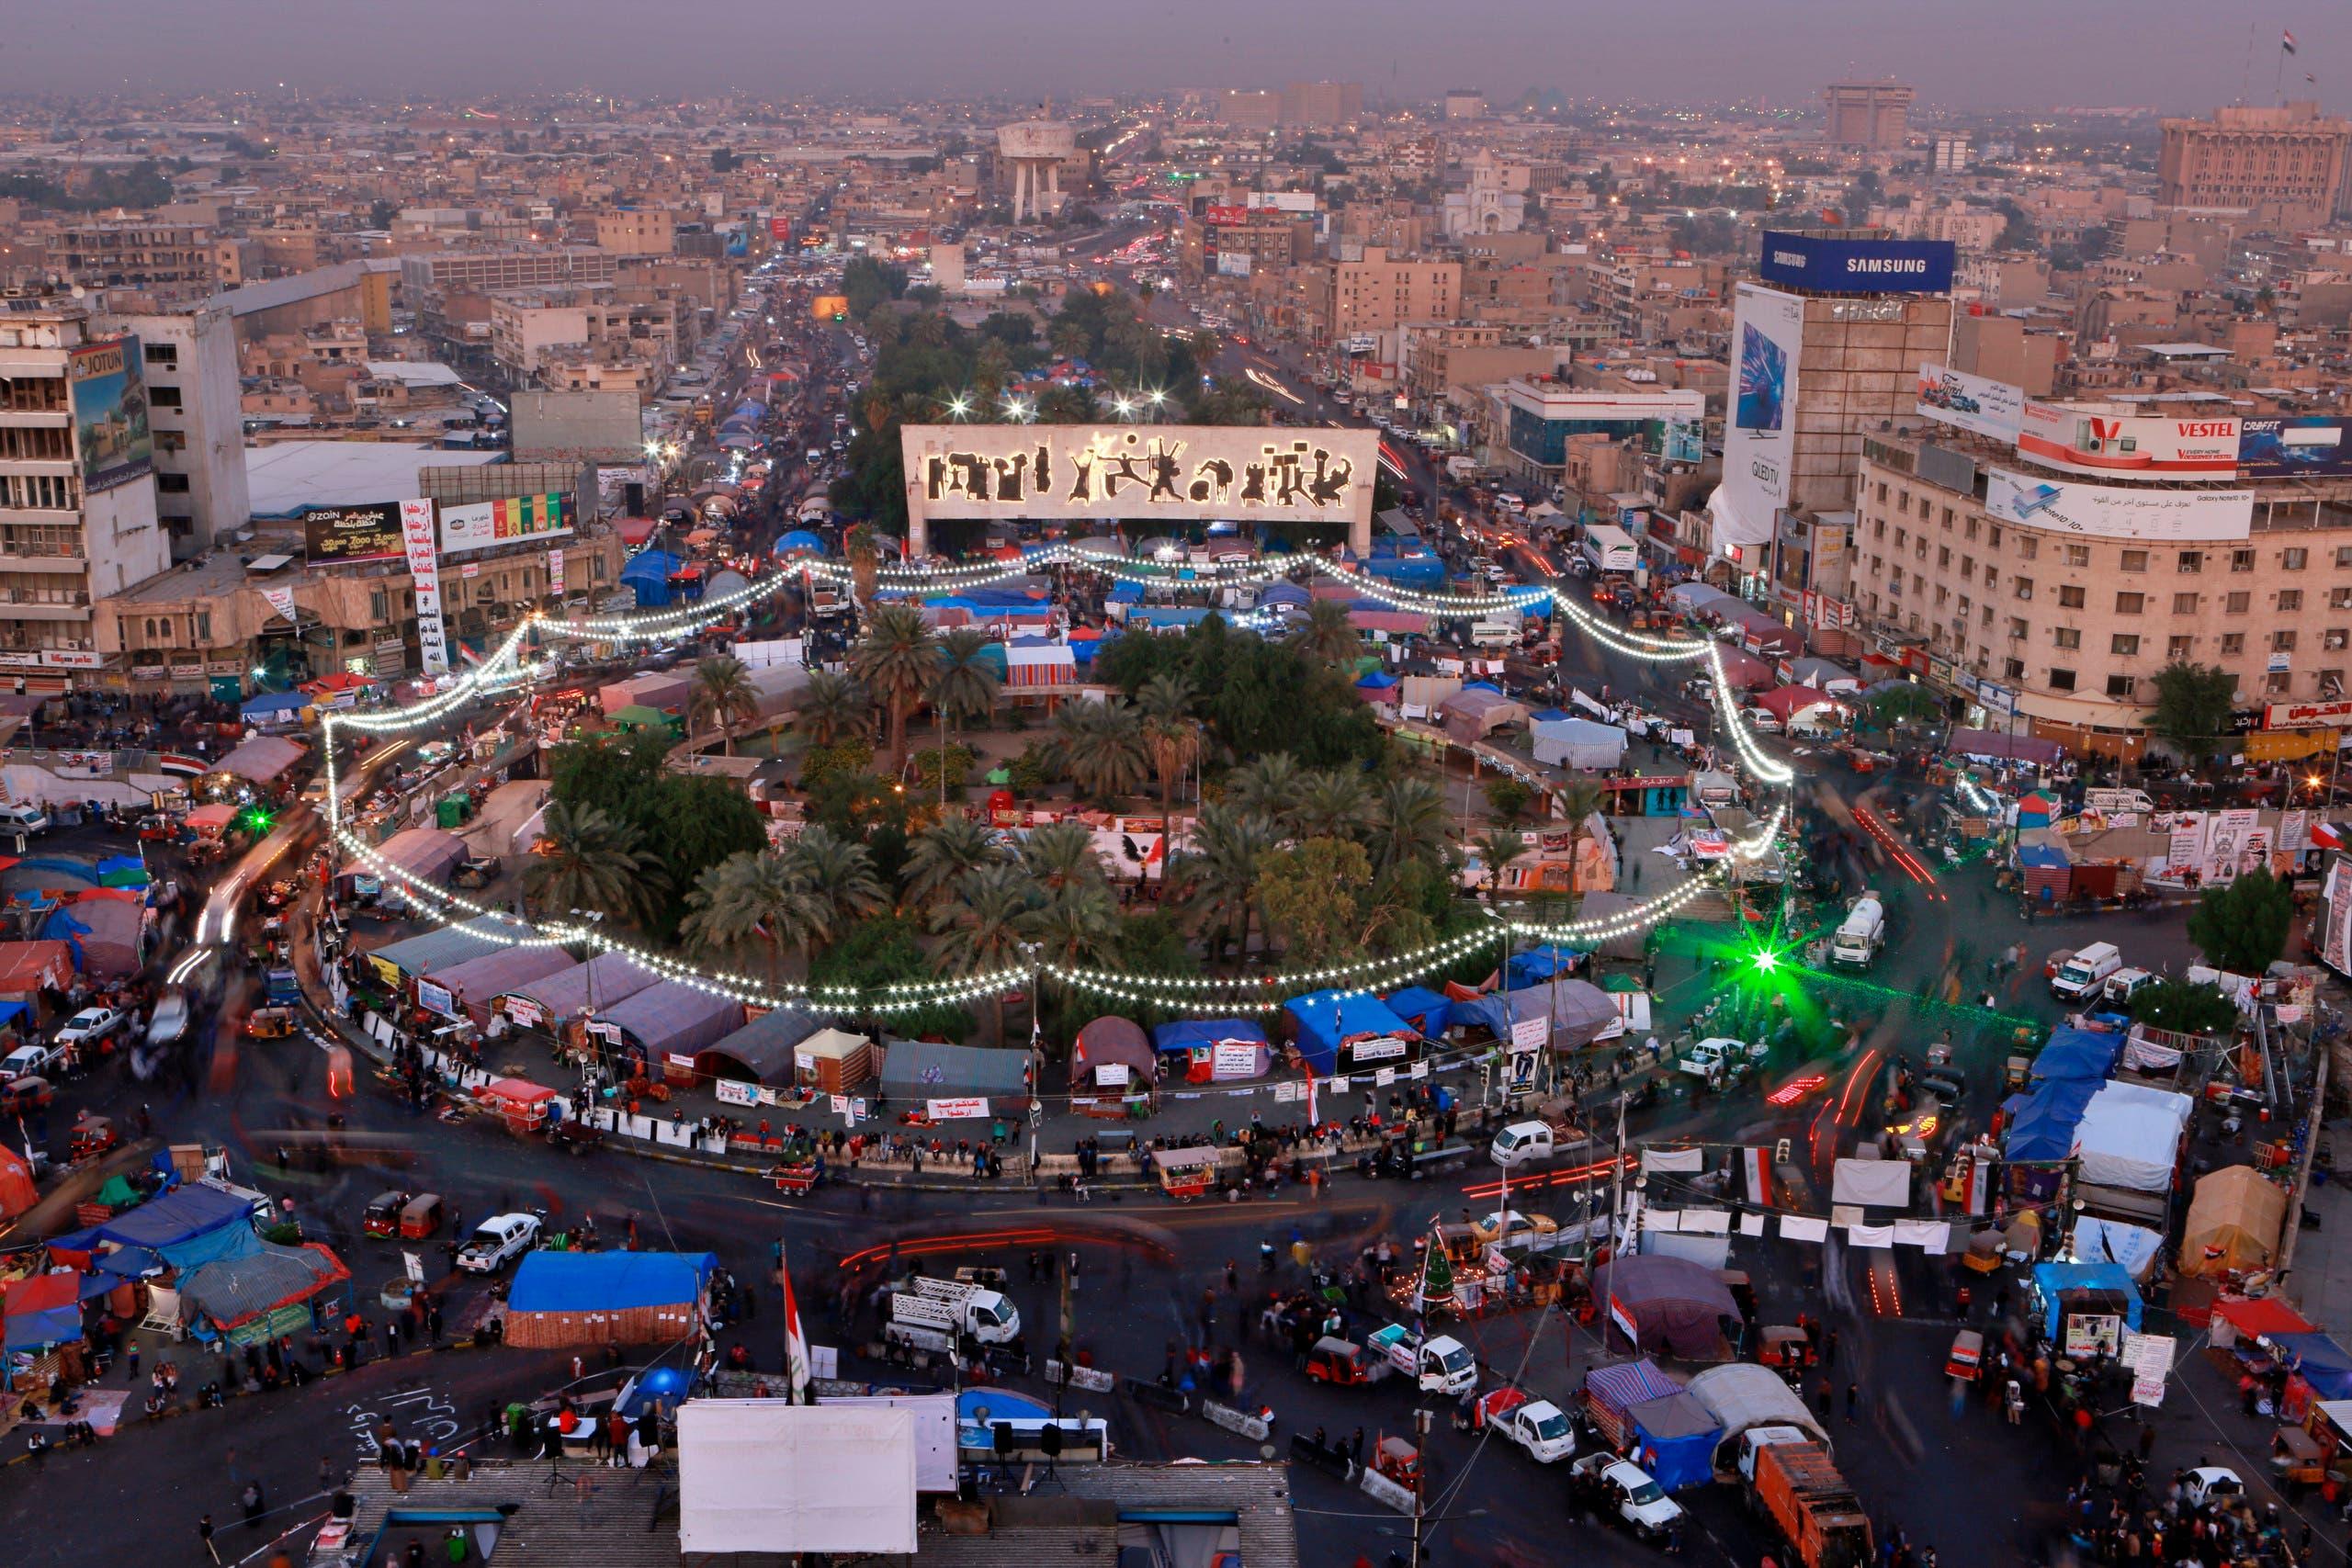 احتجاجات العراق - ساحة التحرير